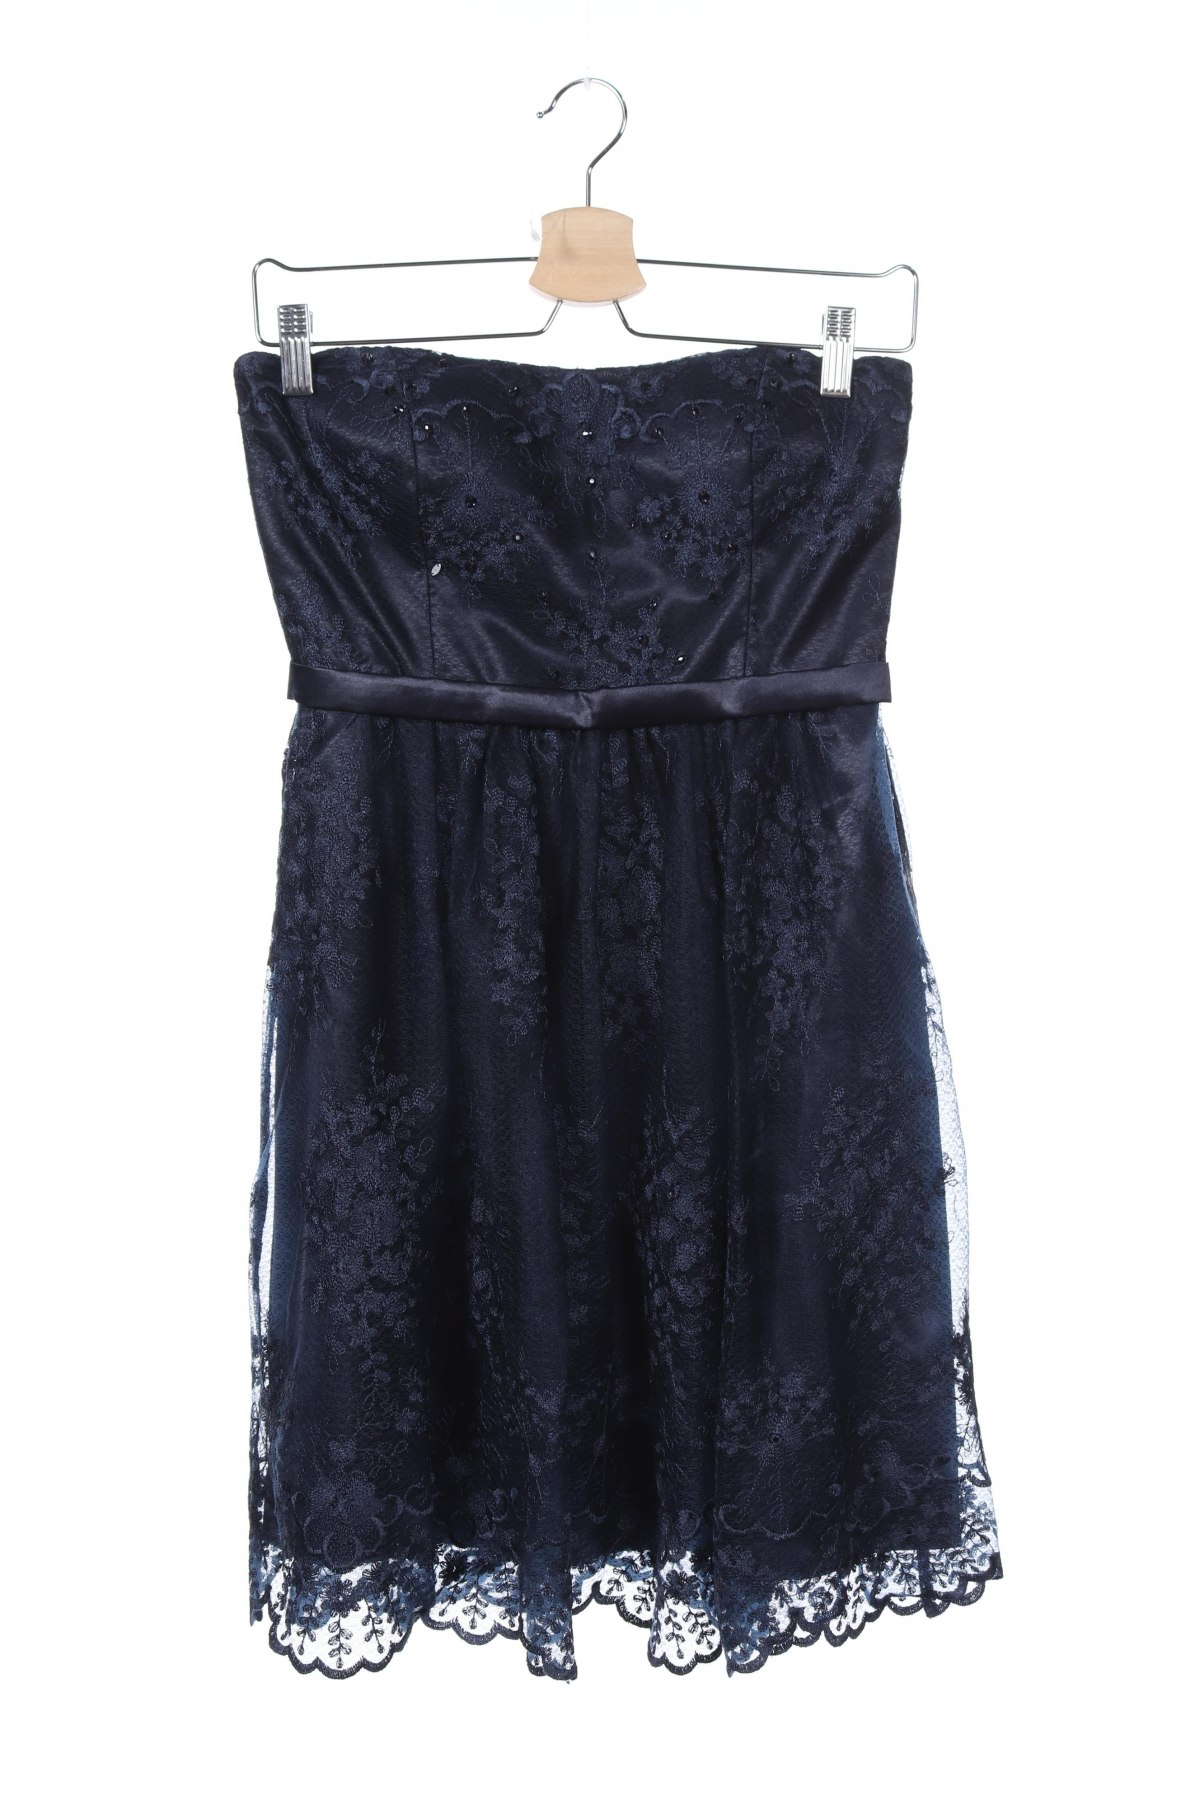 Φόρεμα Vera Mont, Μέγεθος XS, Χρώμα Μπλέ, Πολυαμίδη, Τιμή 19,39€